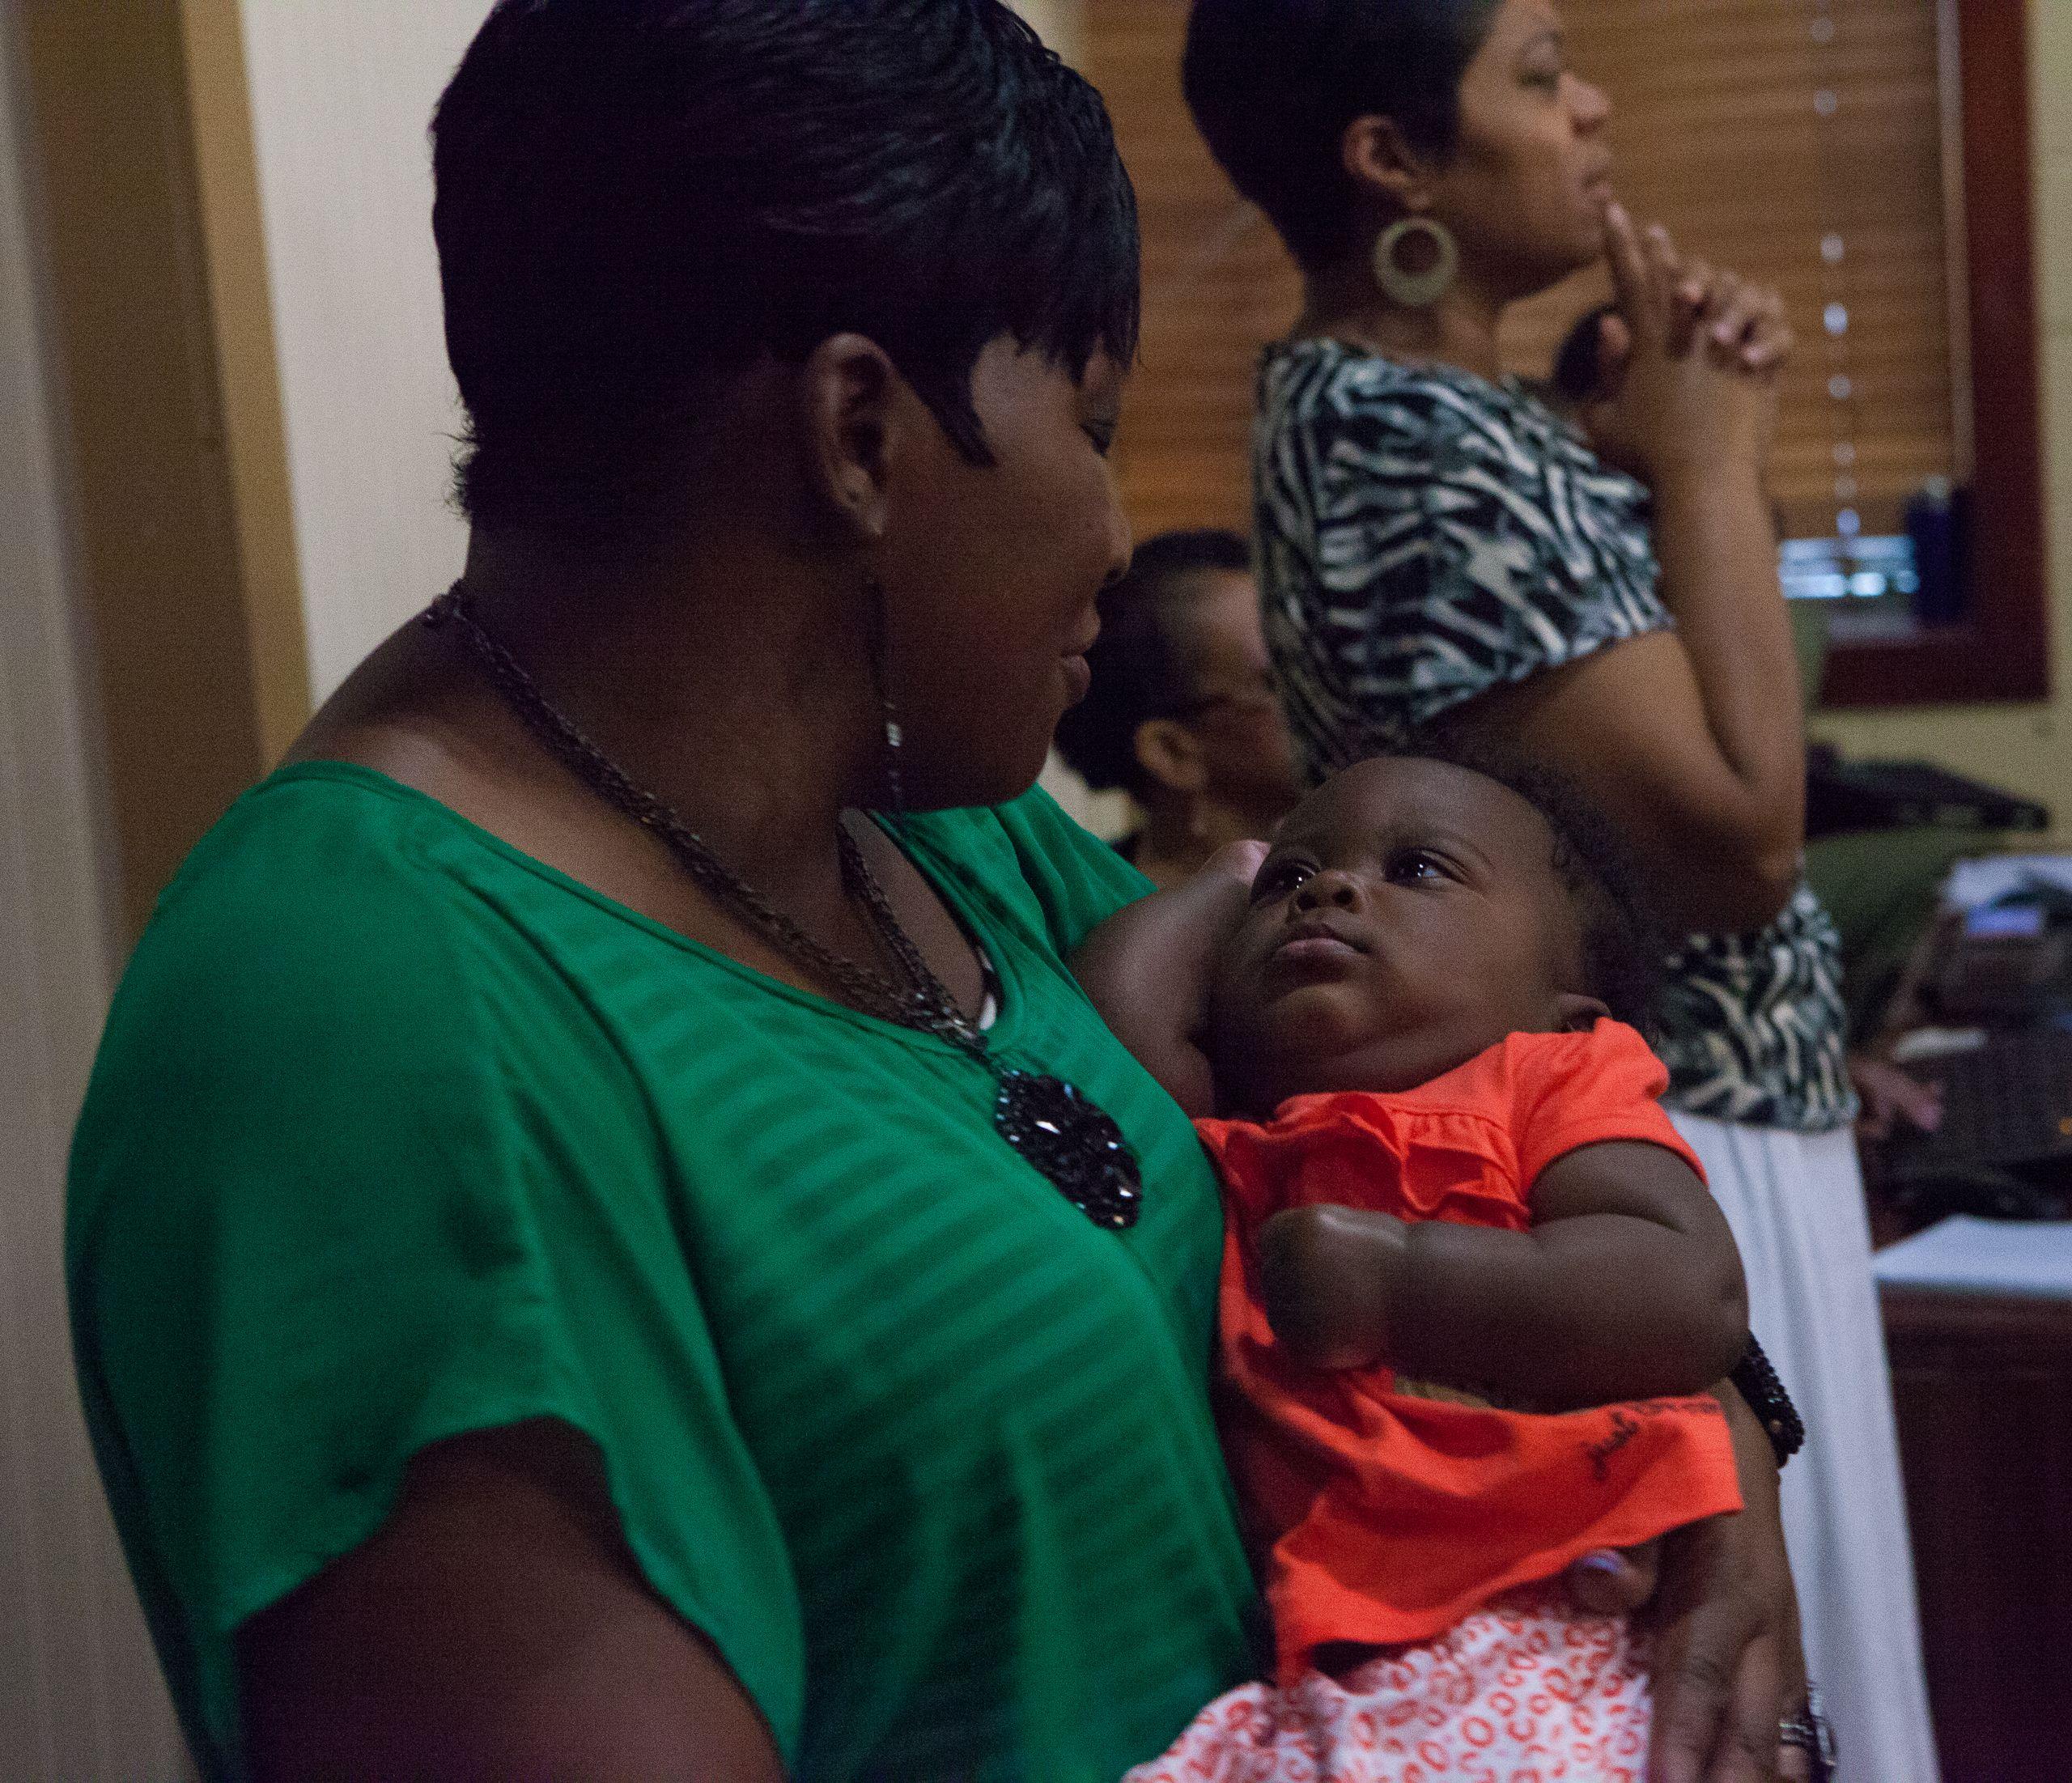 A parishioner named Andrea cradles her newborn son